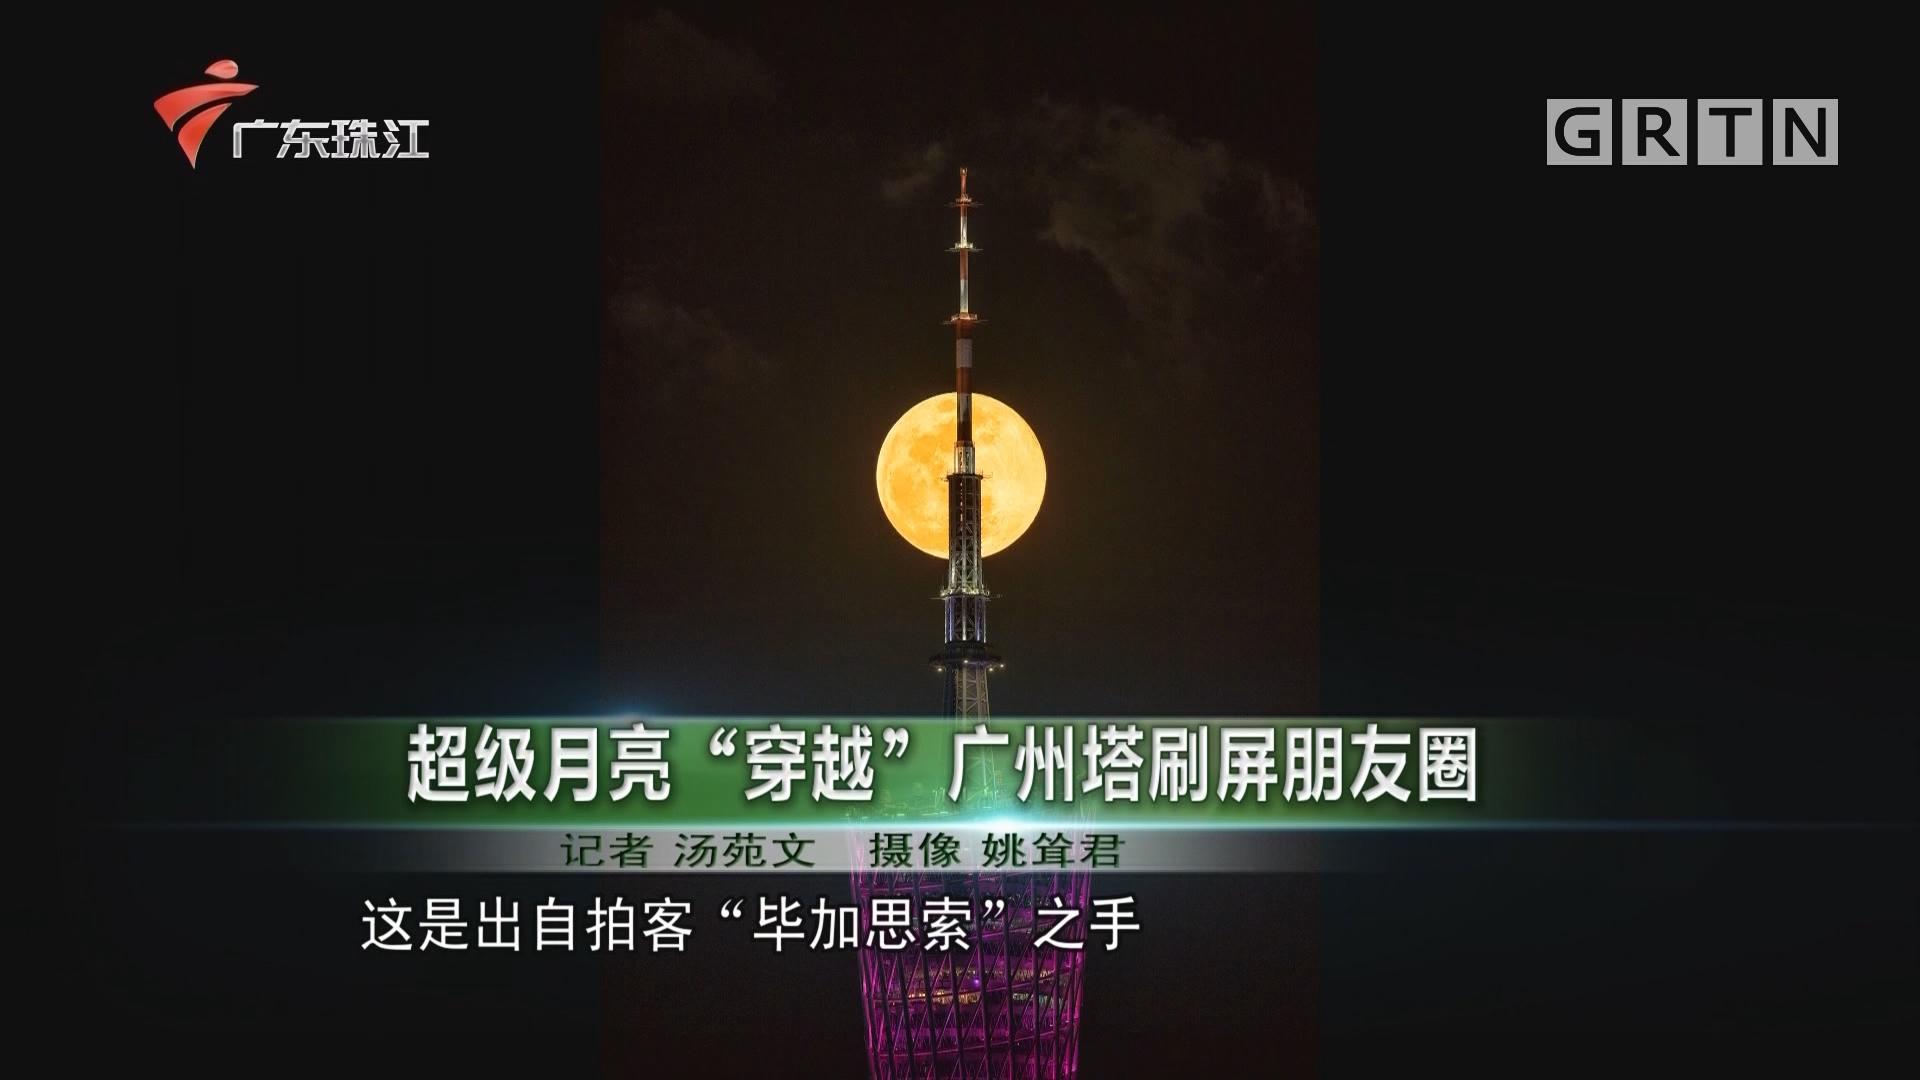 """超級月亮""""穿越""""廣州塔刷屏朋友圈"""